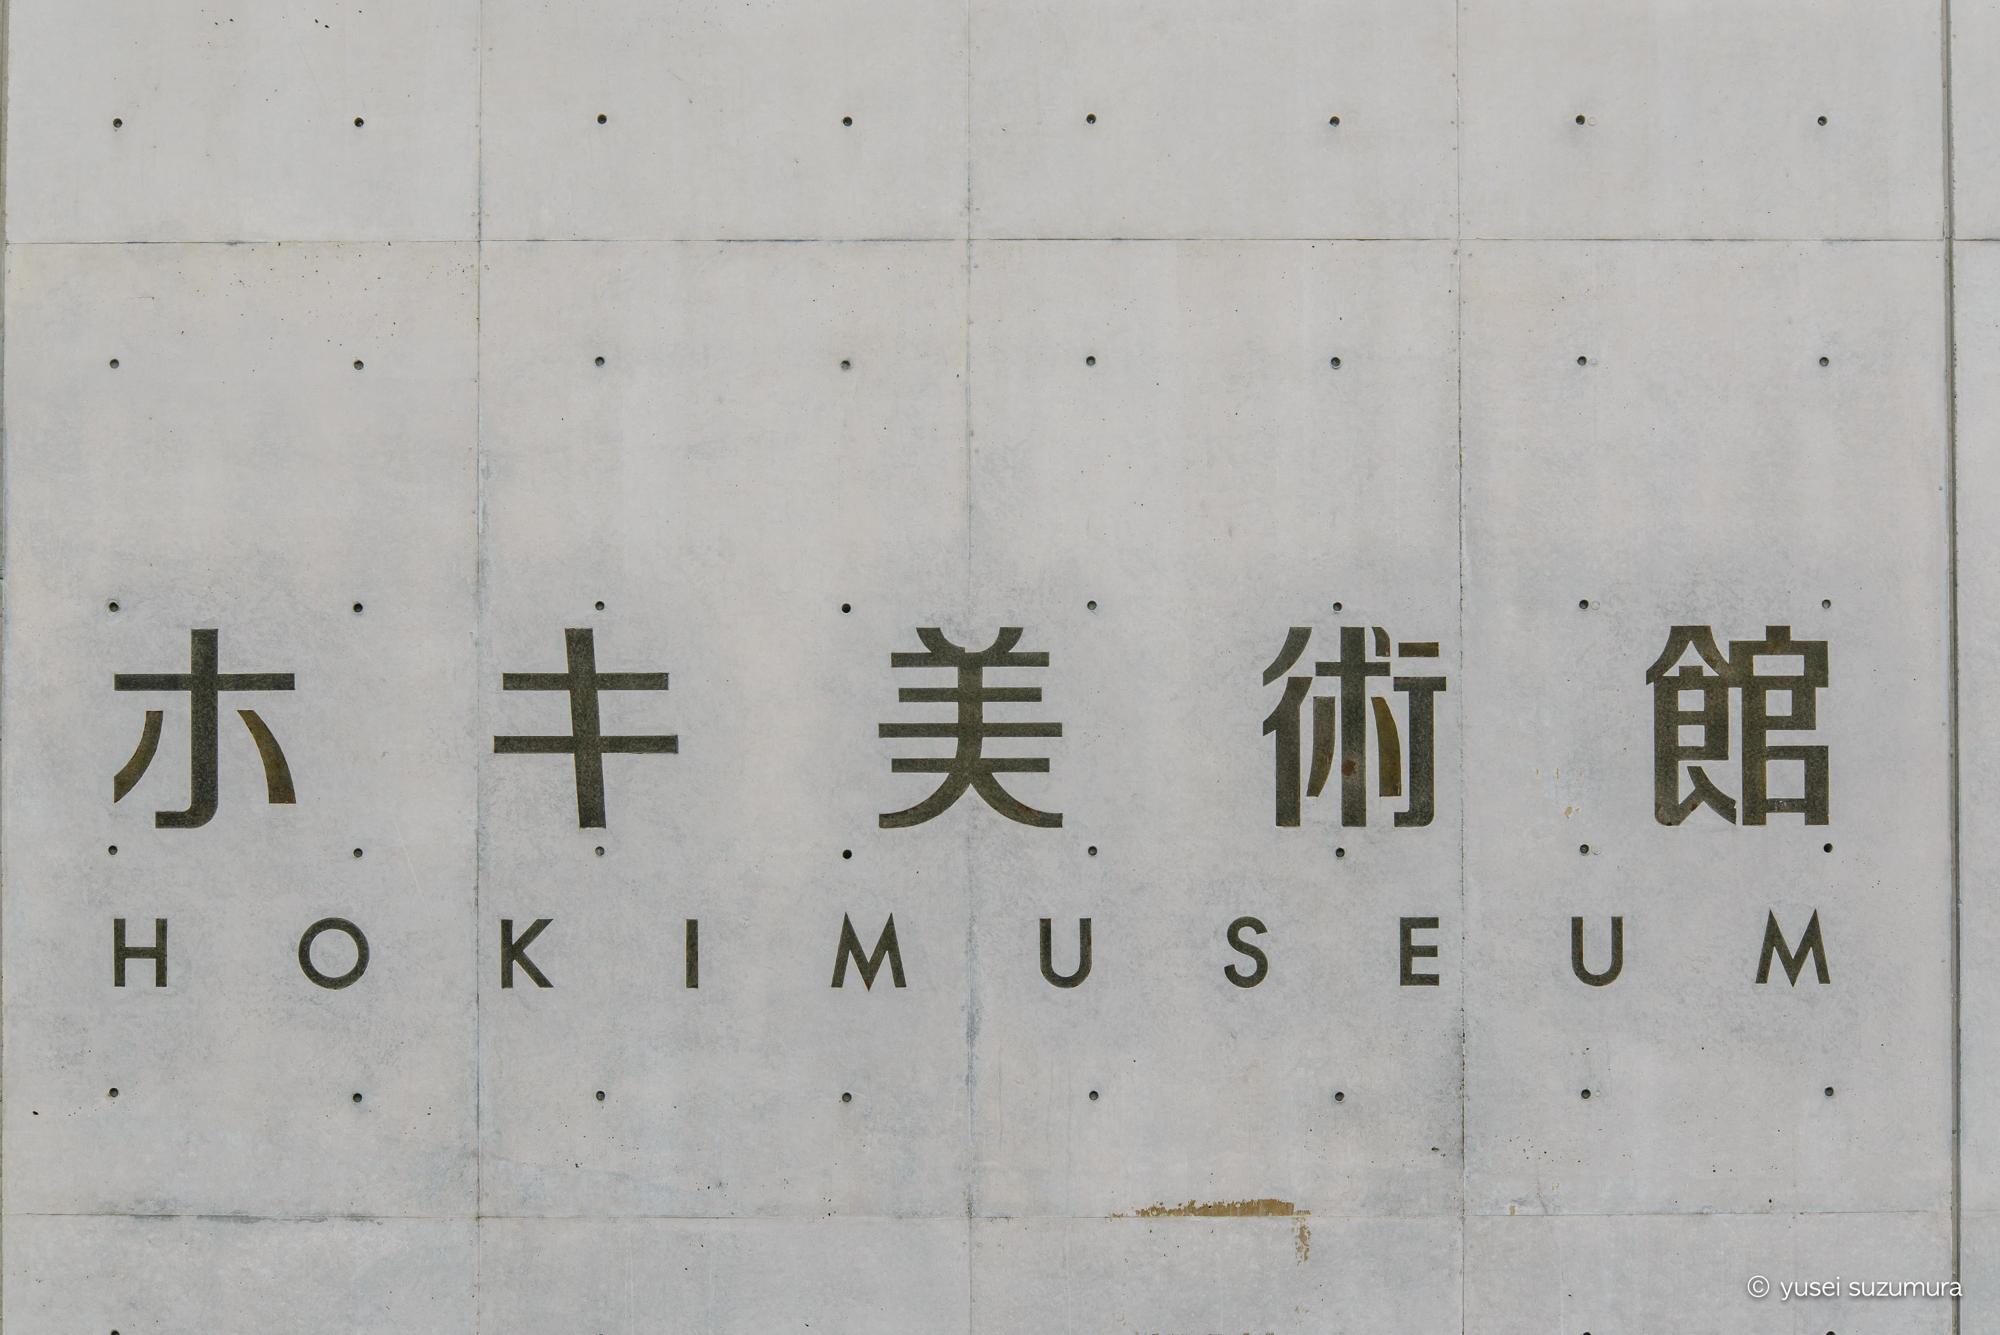 ホキ美術館の看板